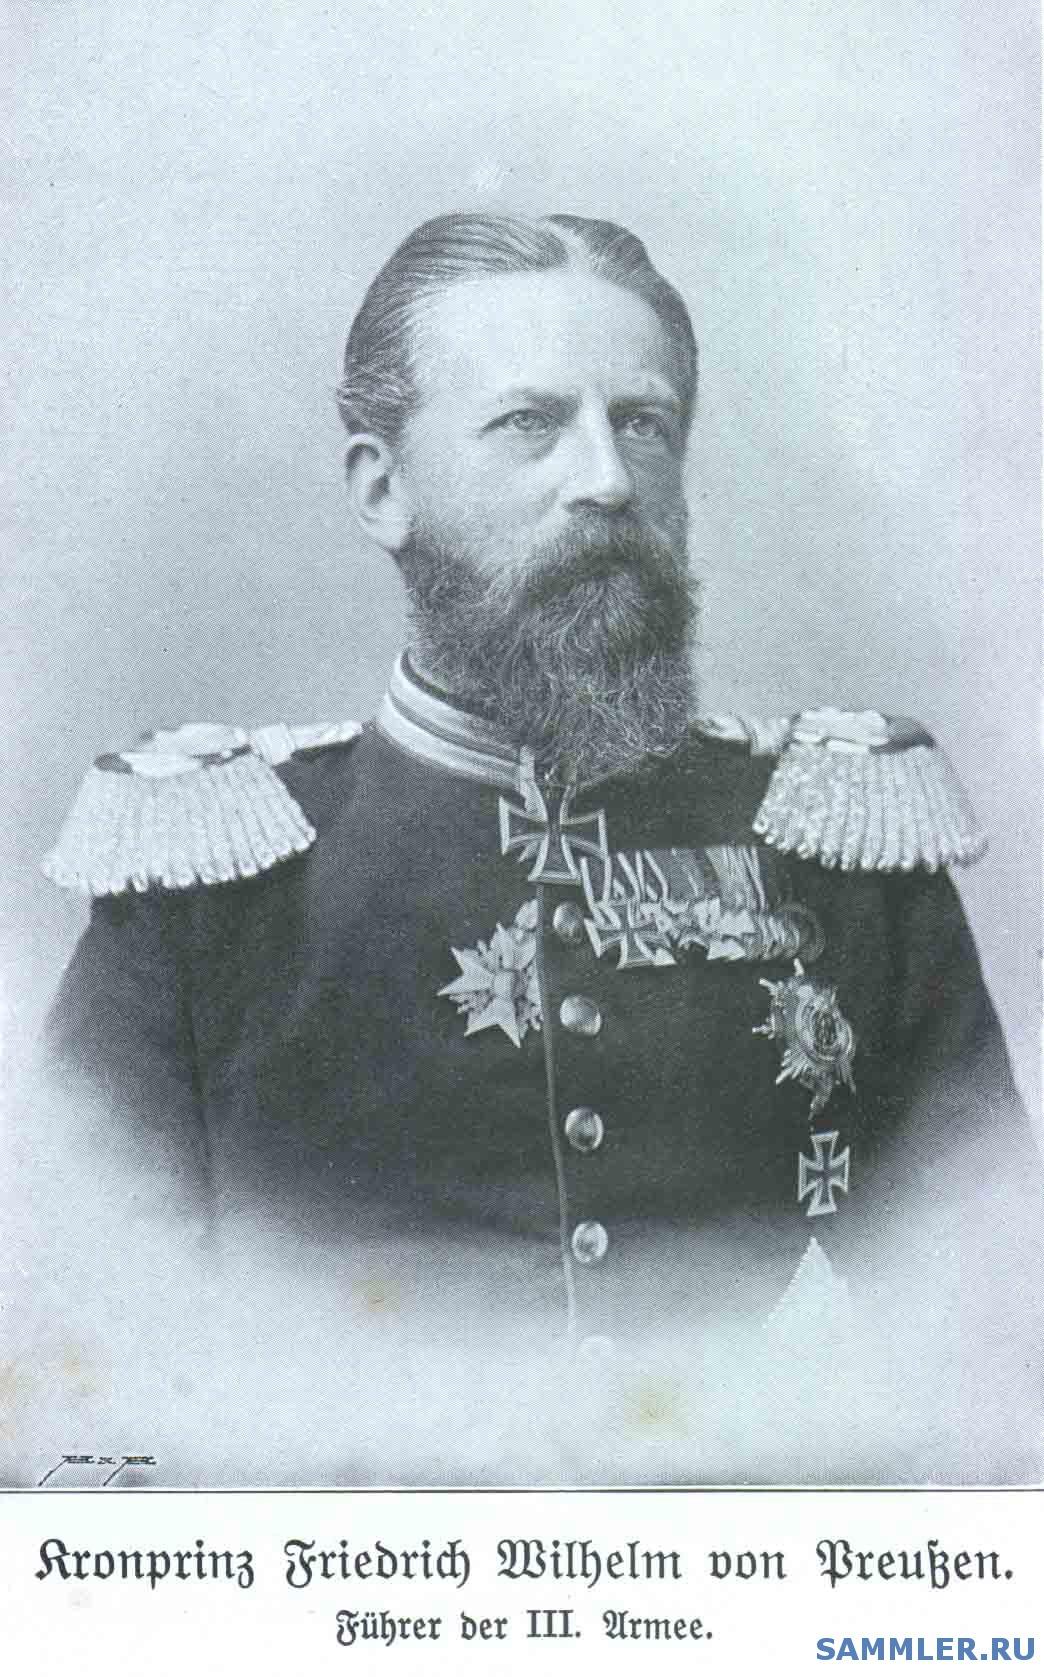 7._Generalfeldmarschall_Friedrich_Wilhelm_Nikolaus_Karl_v._Preuen.jpg